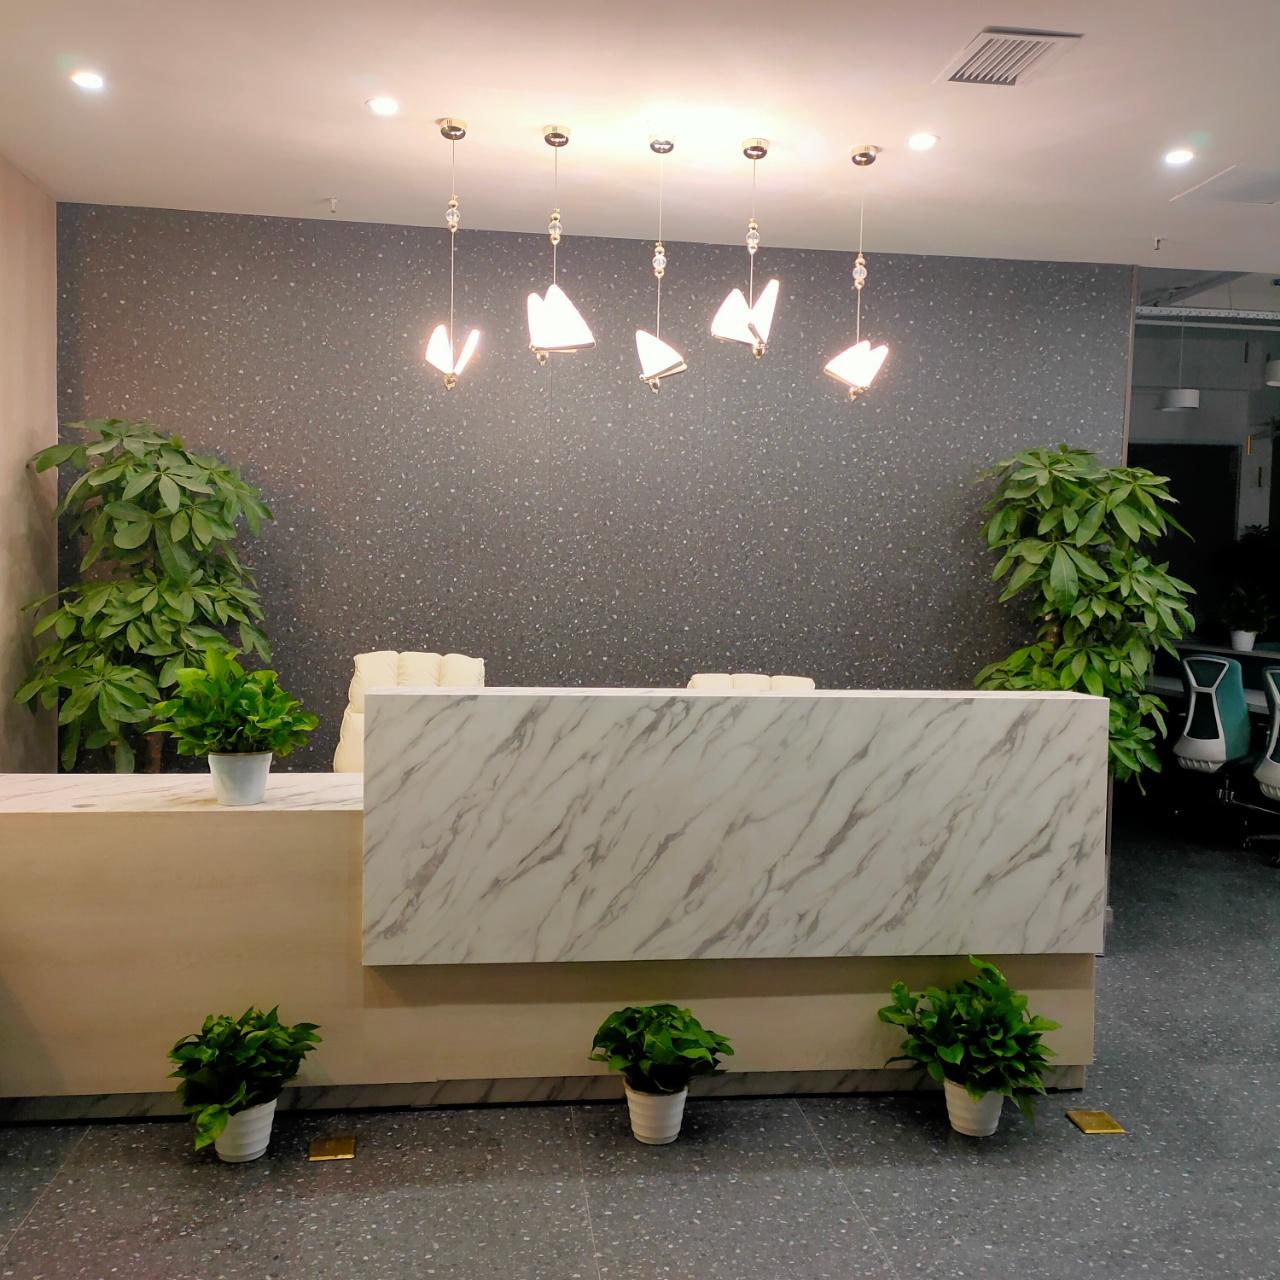 环球中心科技艺术风办公室 188平3隔间12工位朝内带阳台